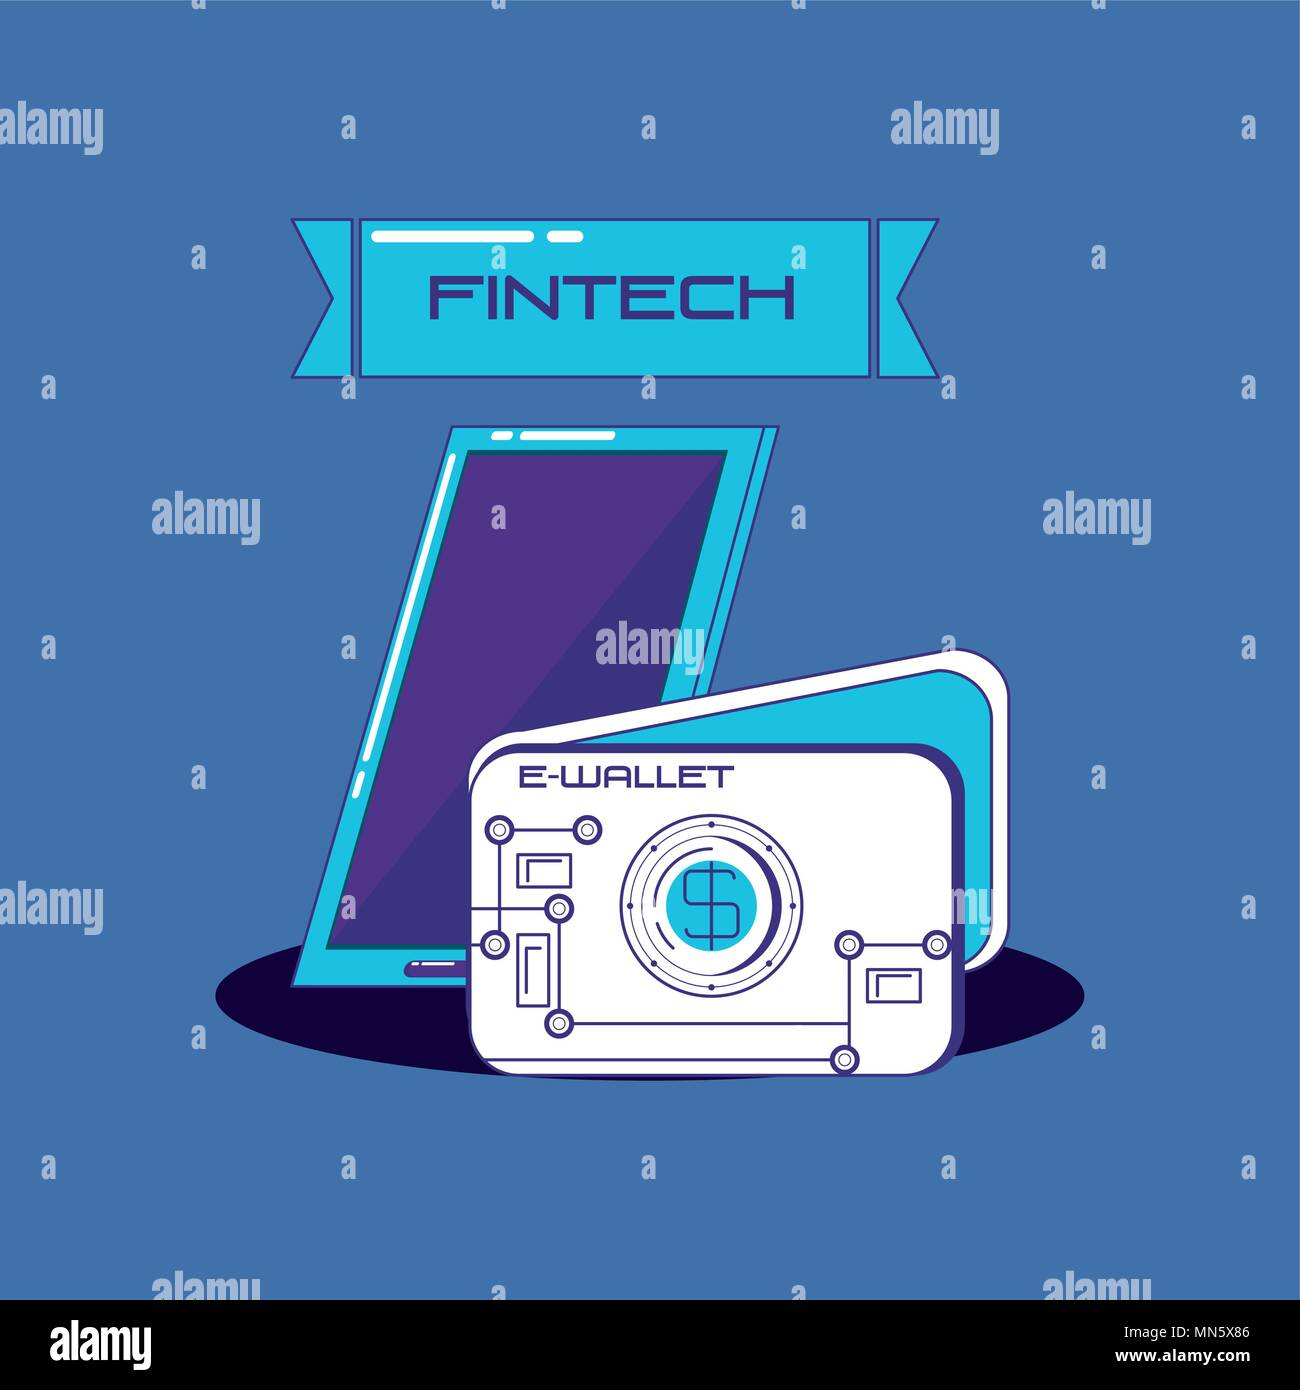 Fintech concepto con el smartphone y la billetera sobre fondo azul, ilustración vectorial Imagen De Stock